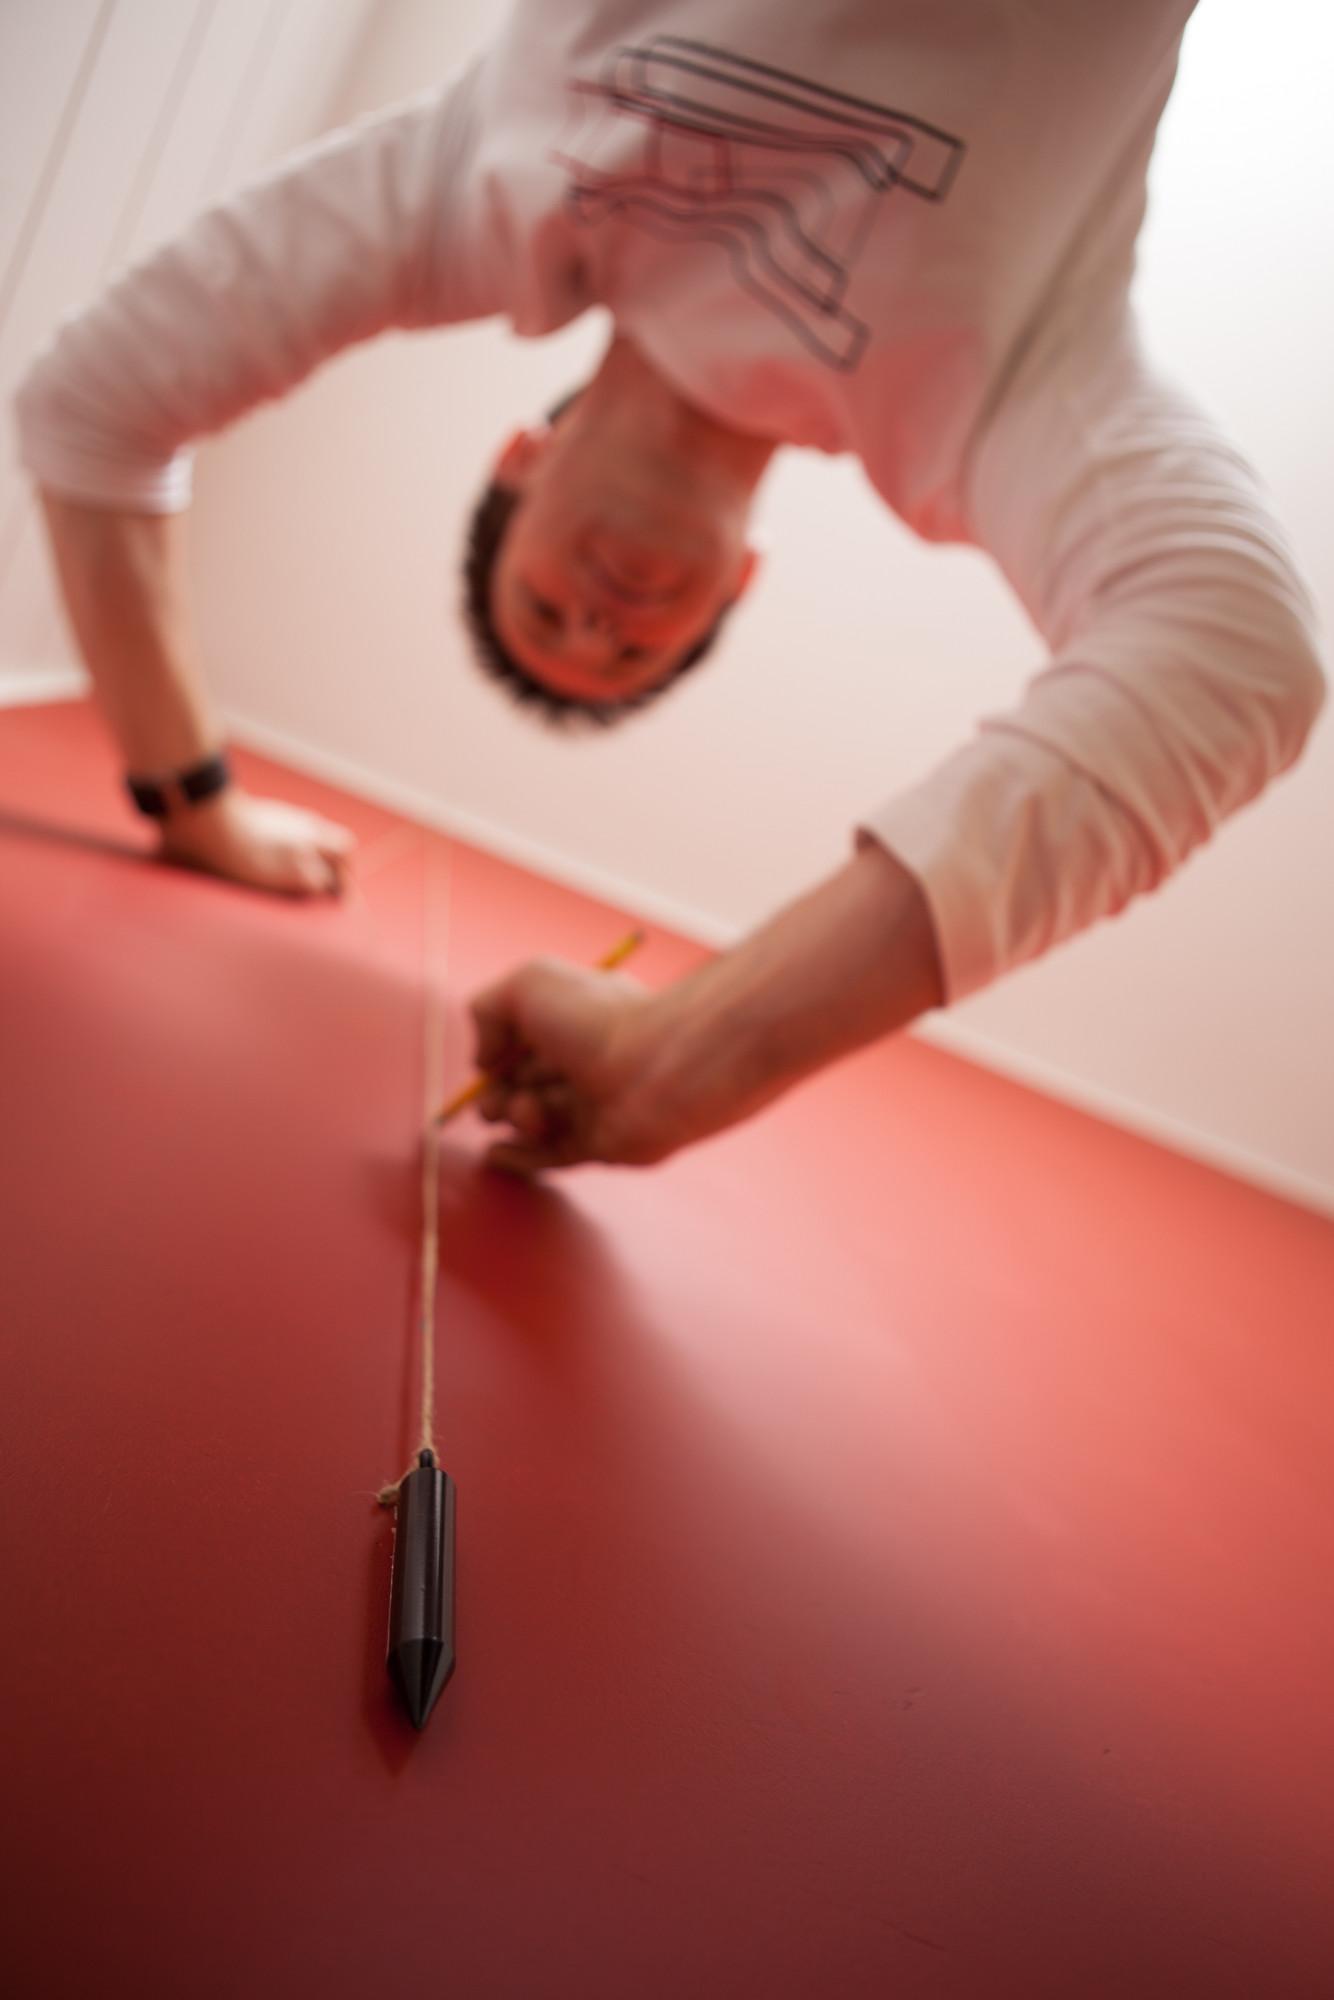 Hoe Behang Ik.Blog De 5 Meest Gemaakte Fouten Bij Behangen Colora Be